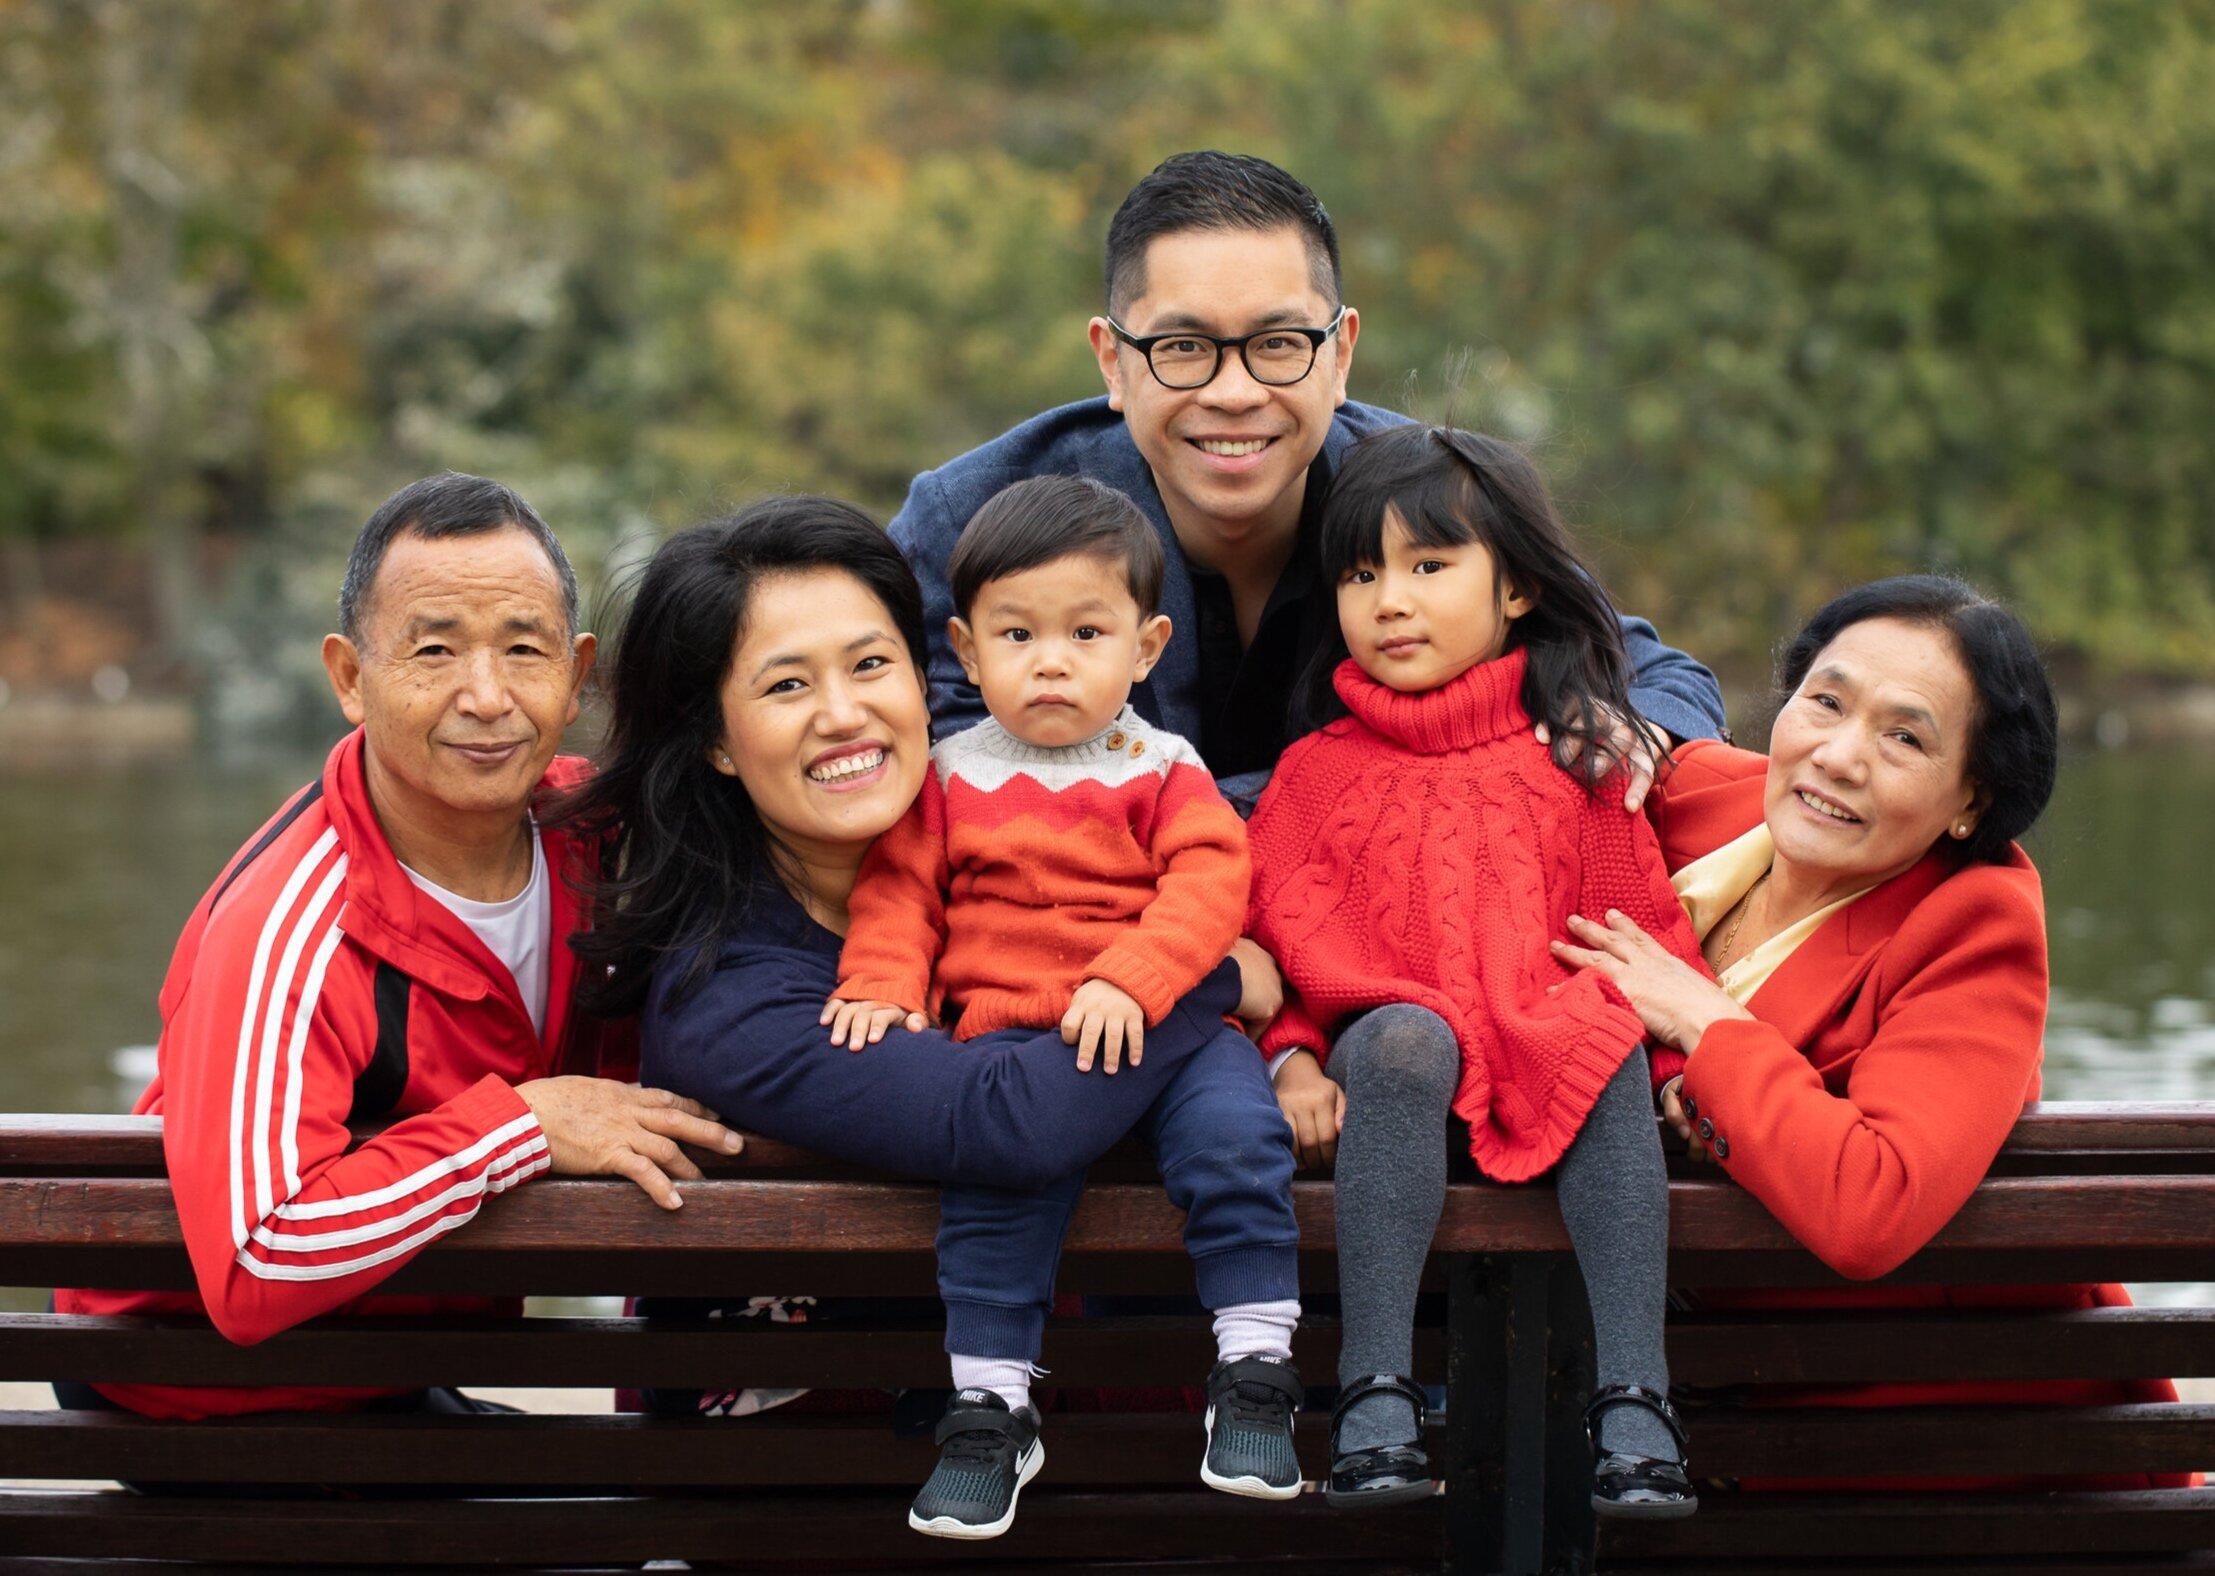 family-plus-grandparents-portrait-victoria-park.jpg